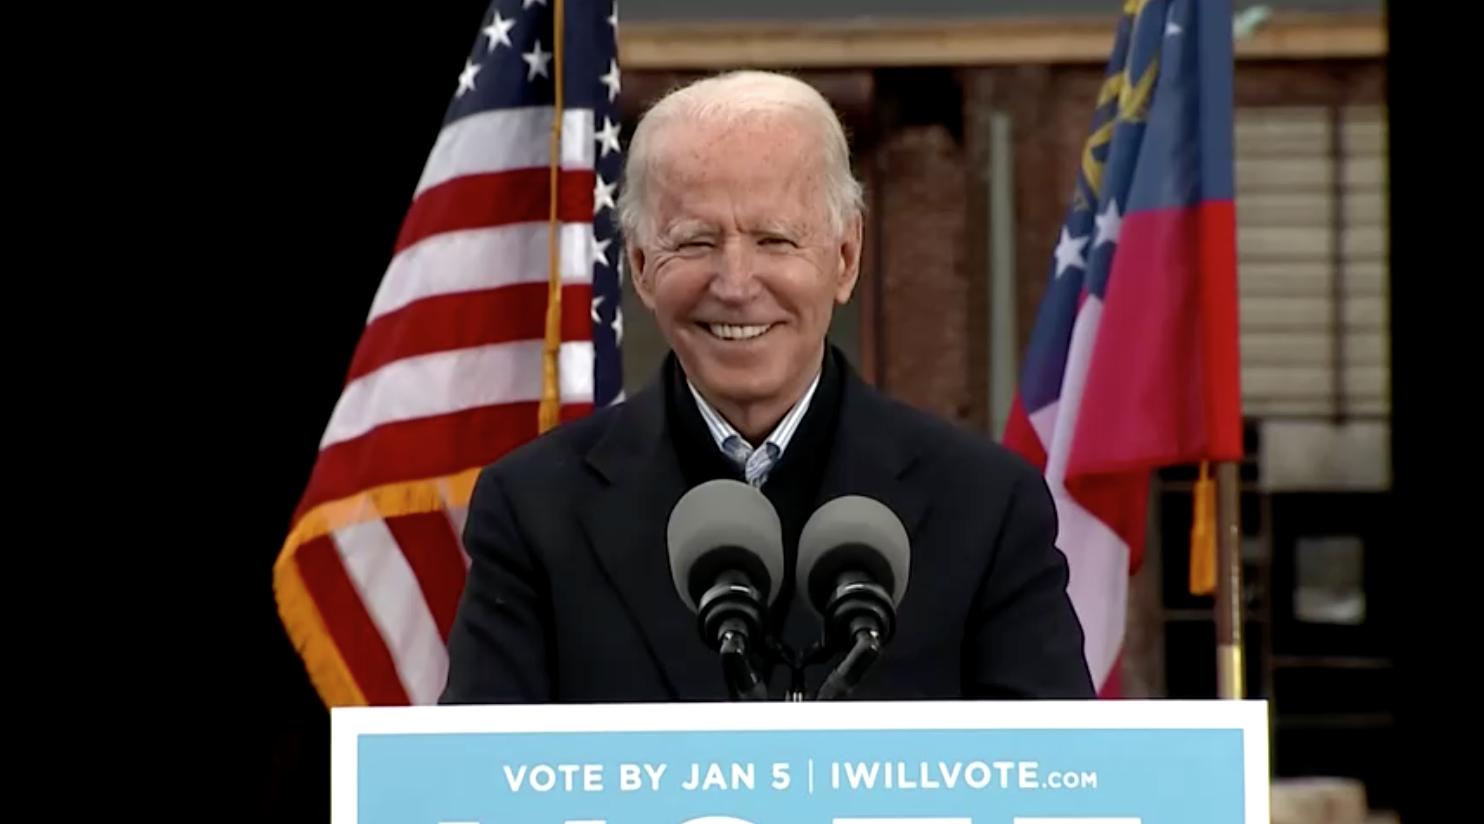 Joe Biden vận động tranh cử tại Georgia sau khi các đảng viên Cộng Hòa hàng đầu thừa nhận chiến thắng của ông trong cuộc bầu cử